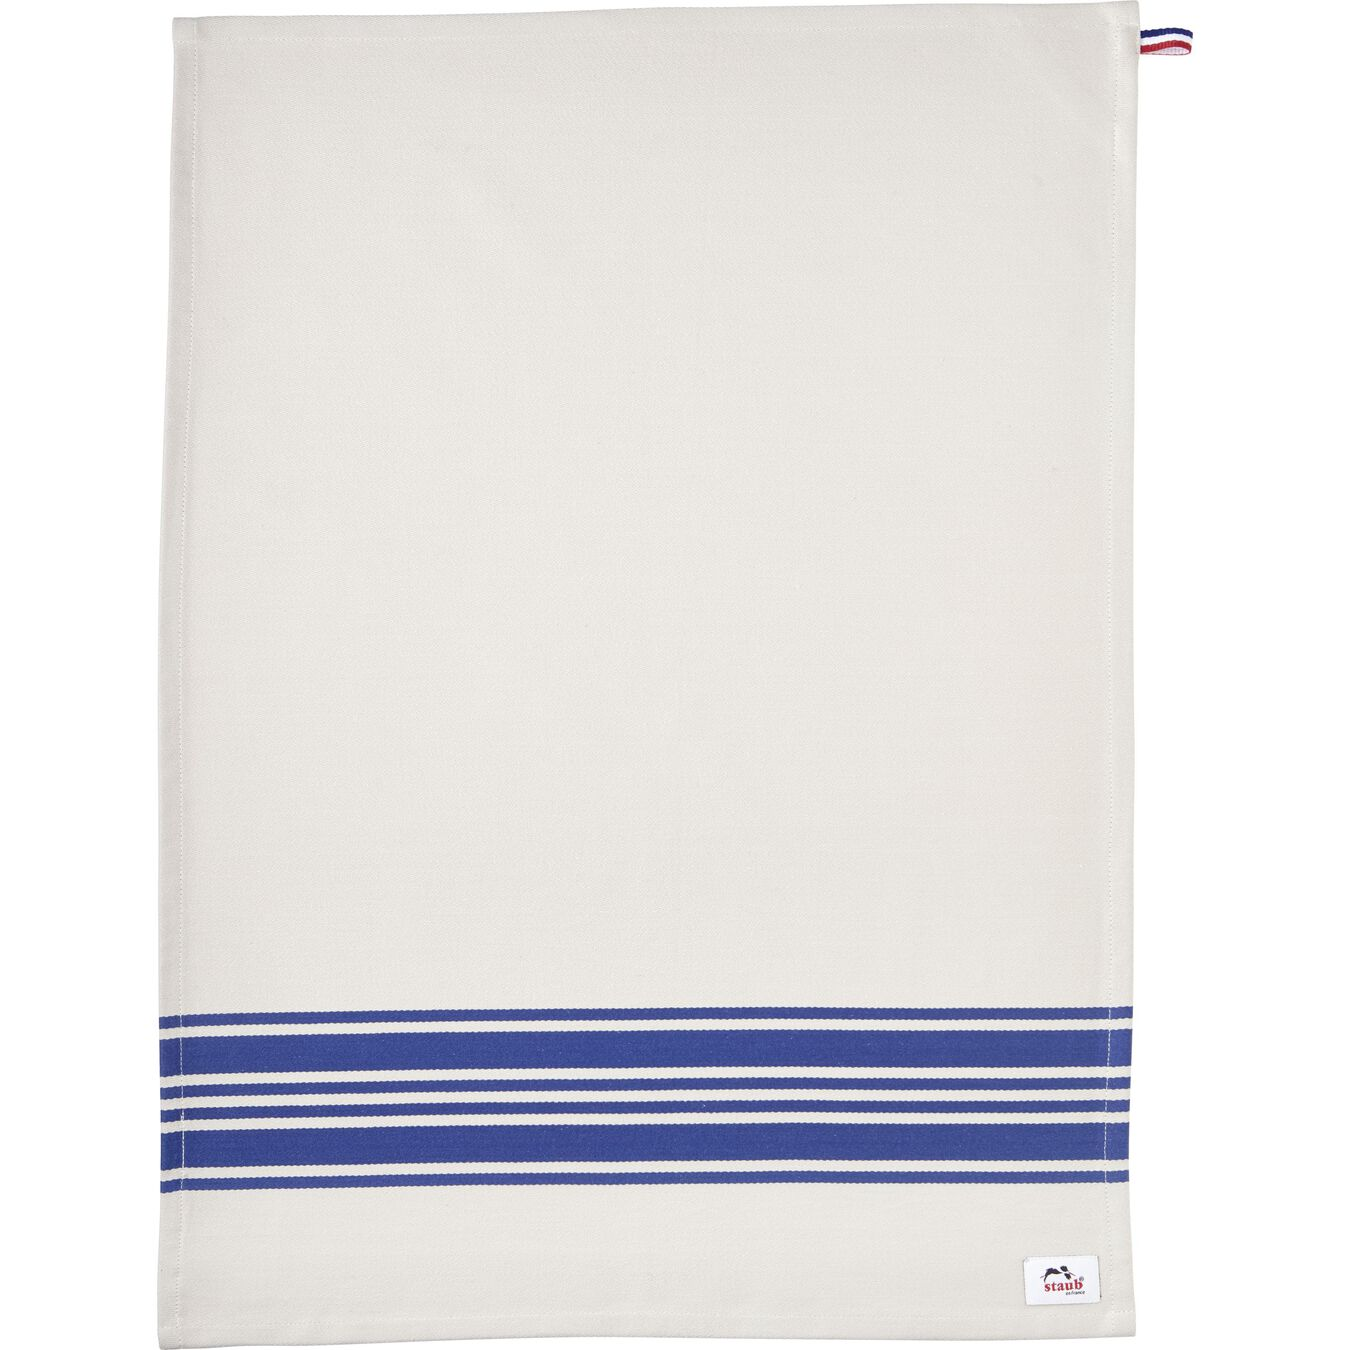 Torchon 70 cm x 50 cm, Bleu,,large 6